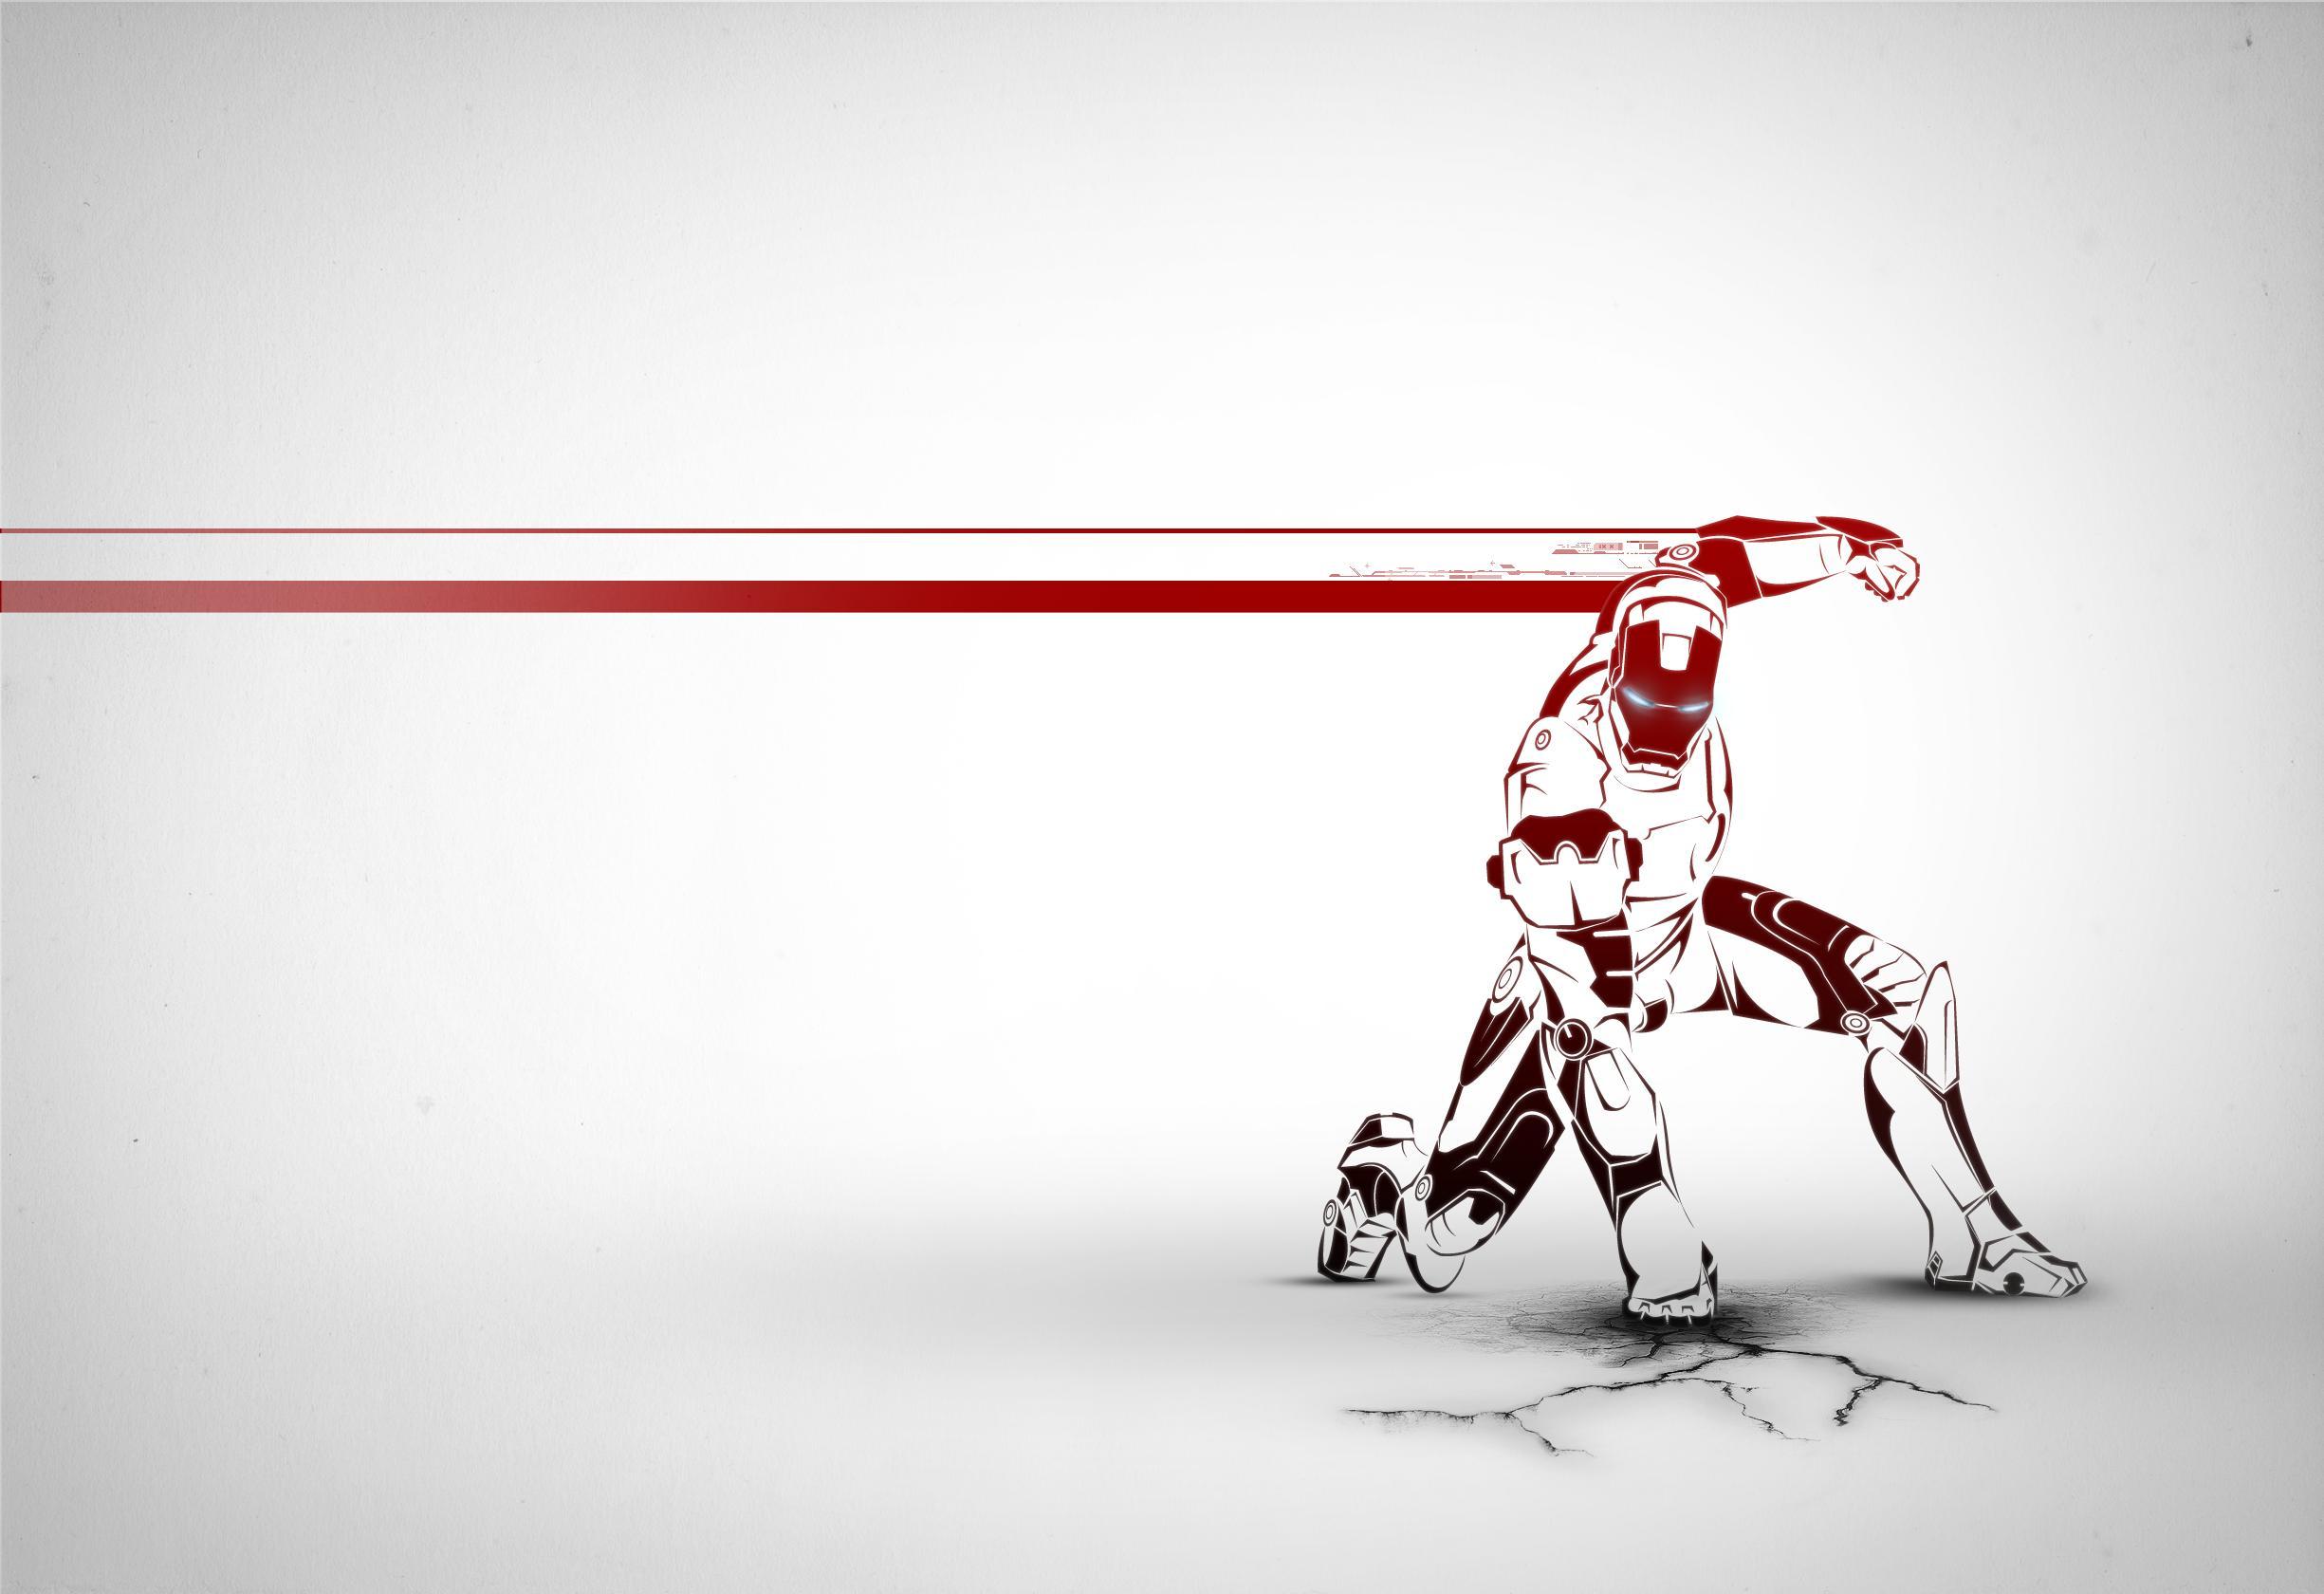 Ironman Wallpaper on Behance